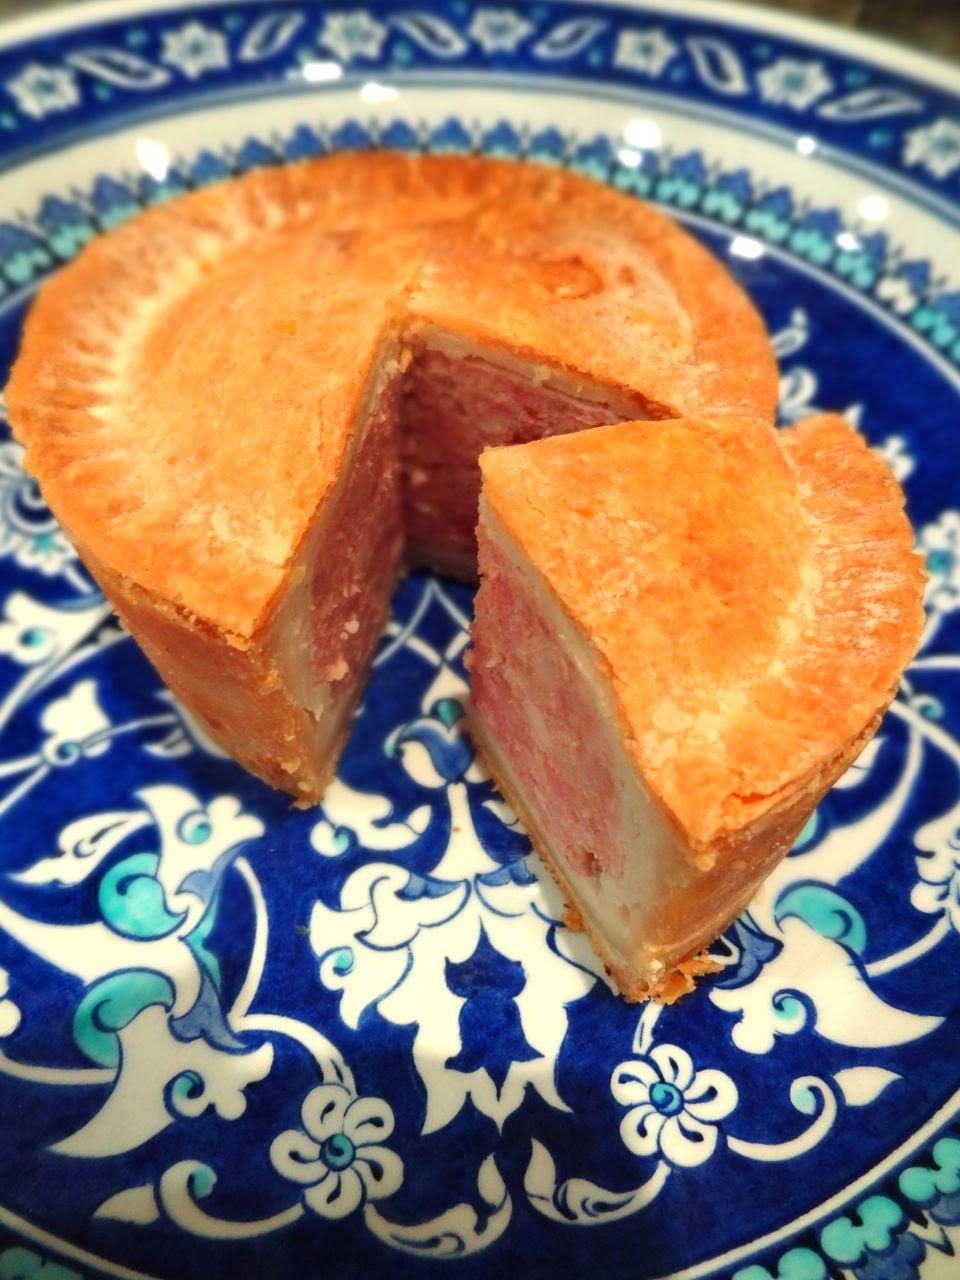 images How to Make Melton Mowbray Pork Pie